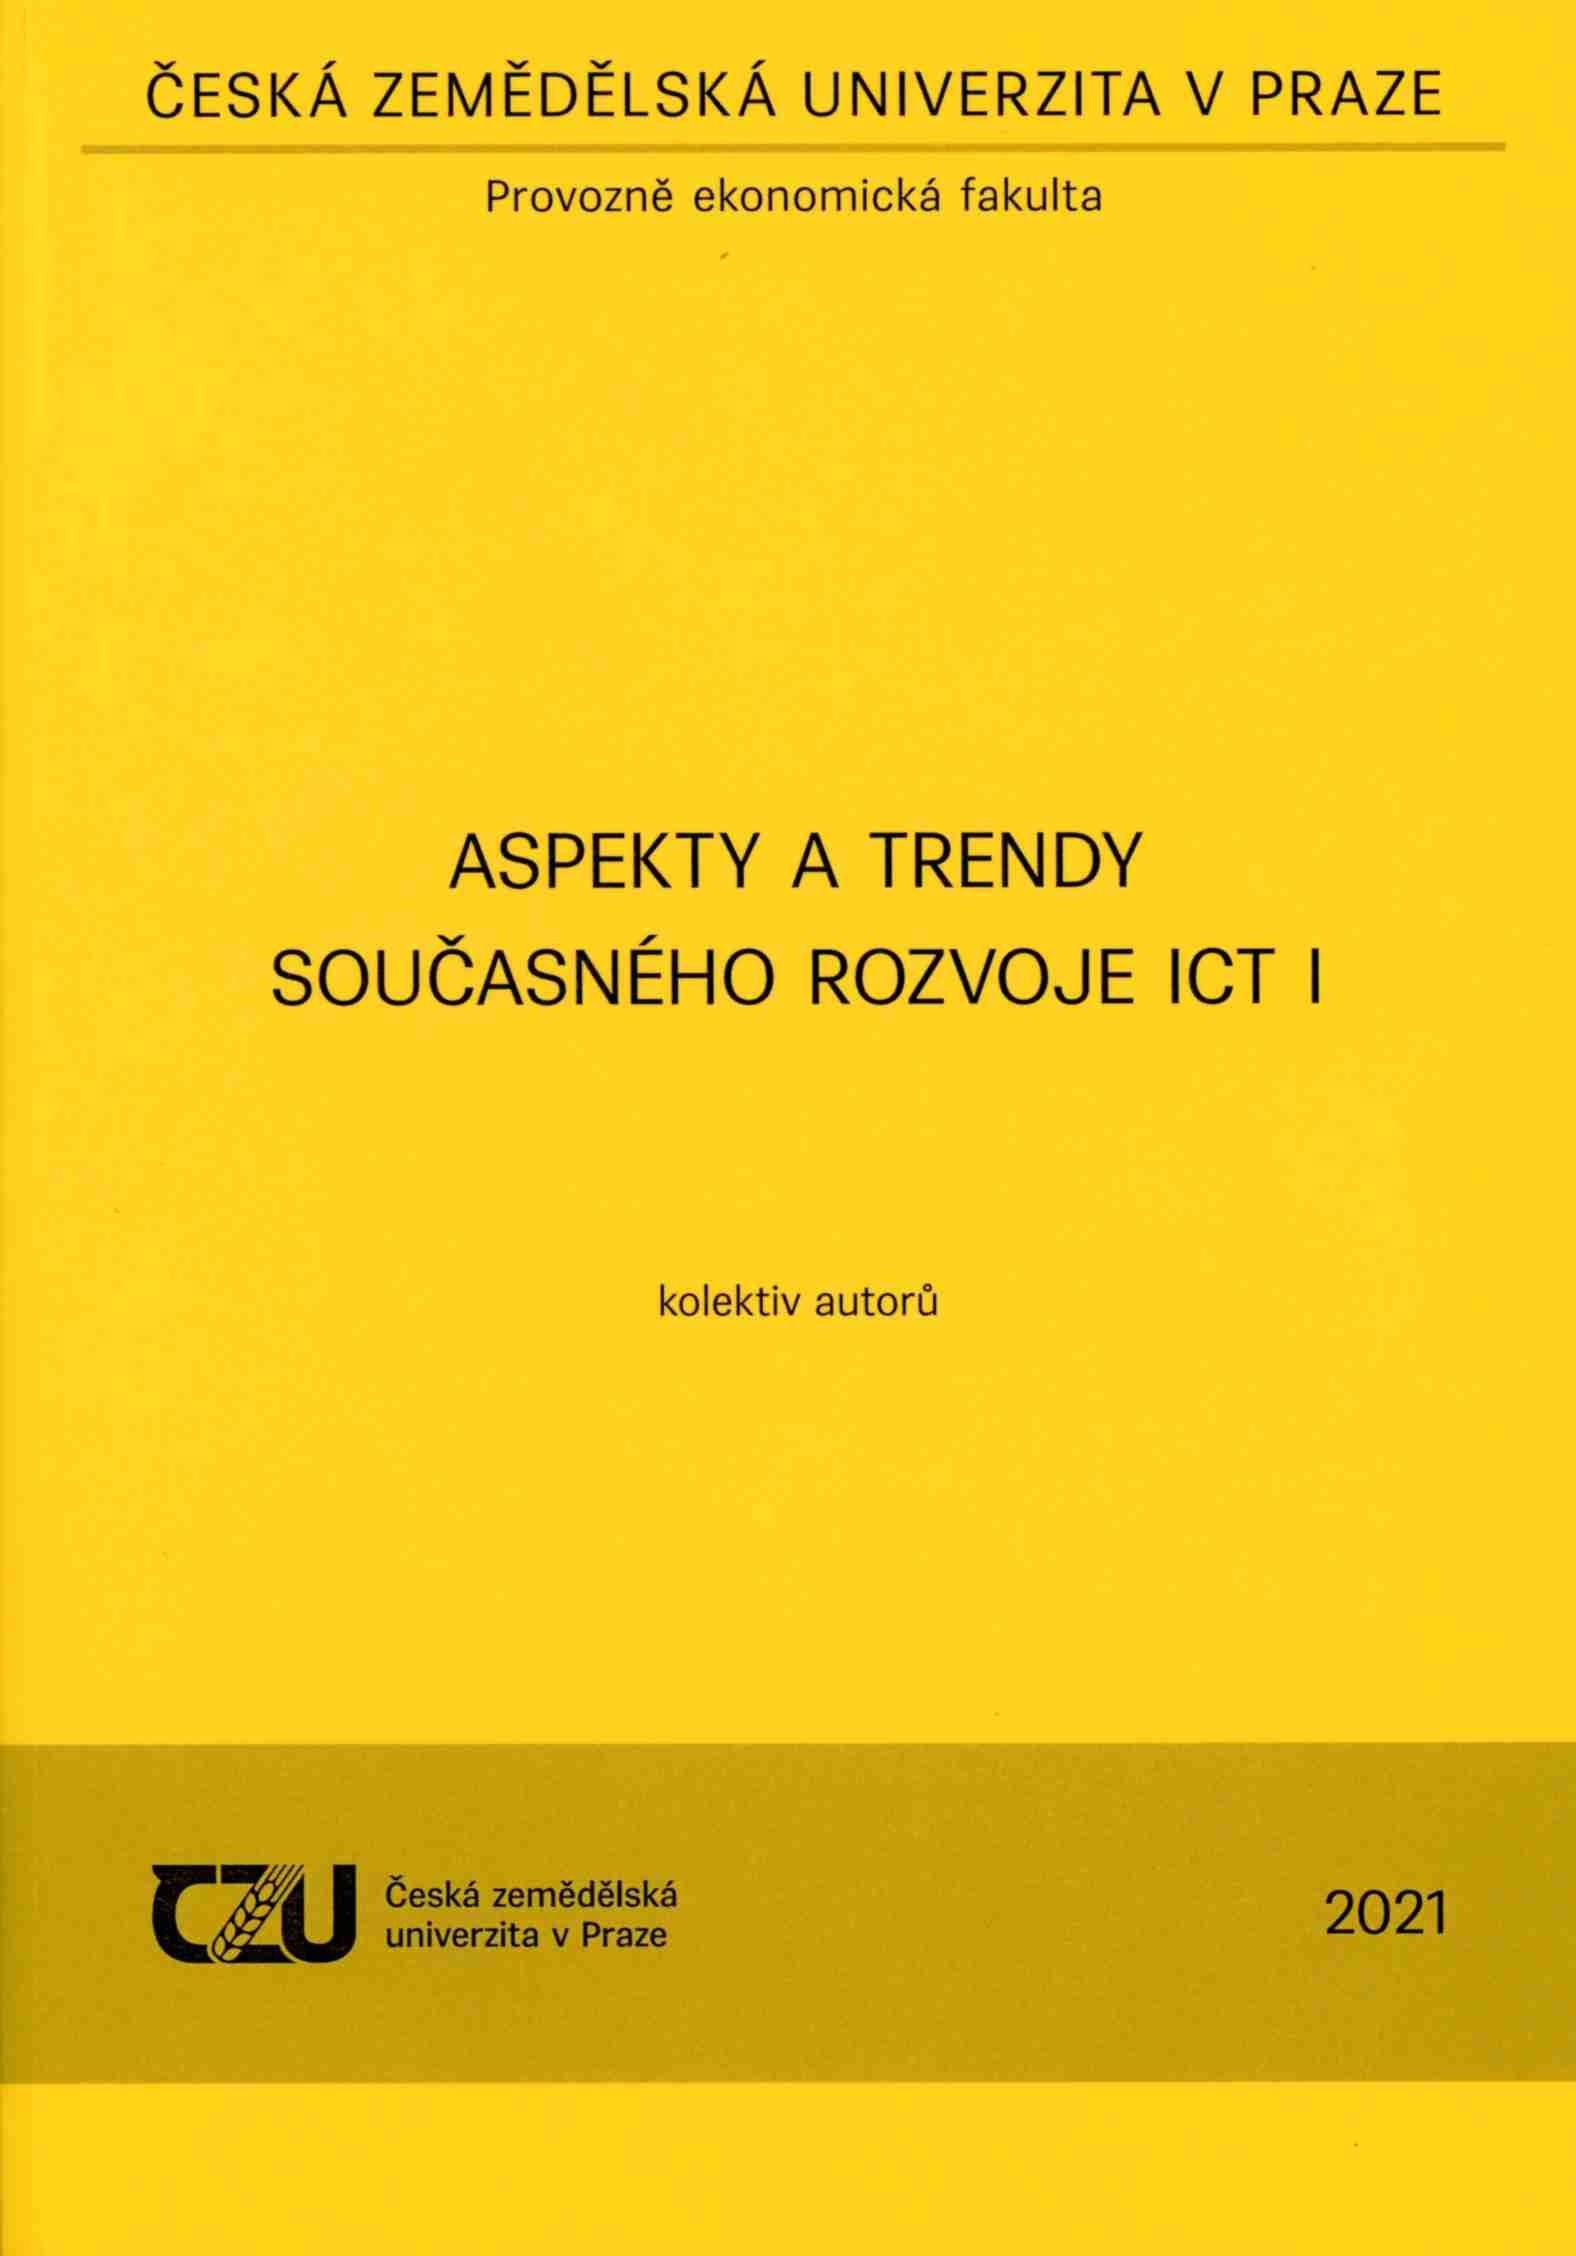 Aspekty a trendy současného rozvoje ICT I